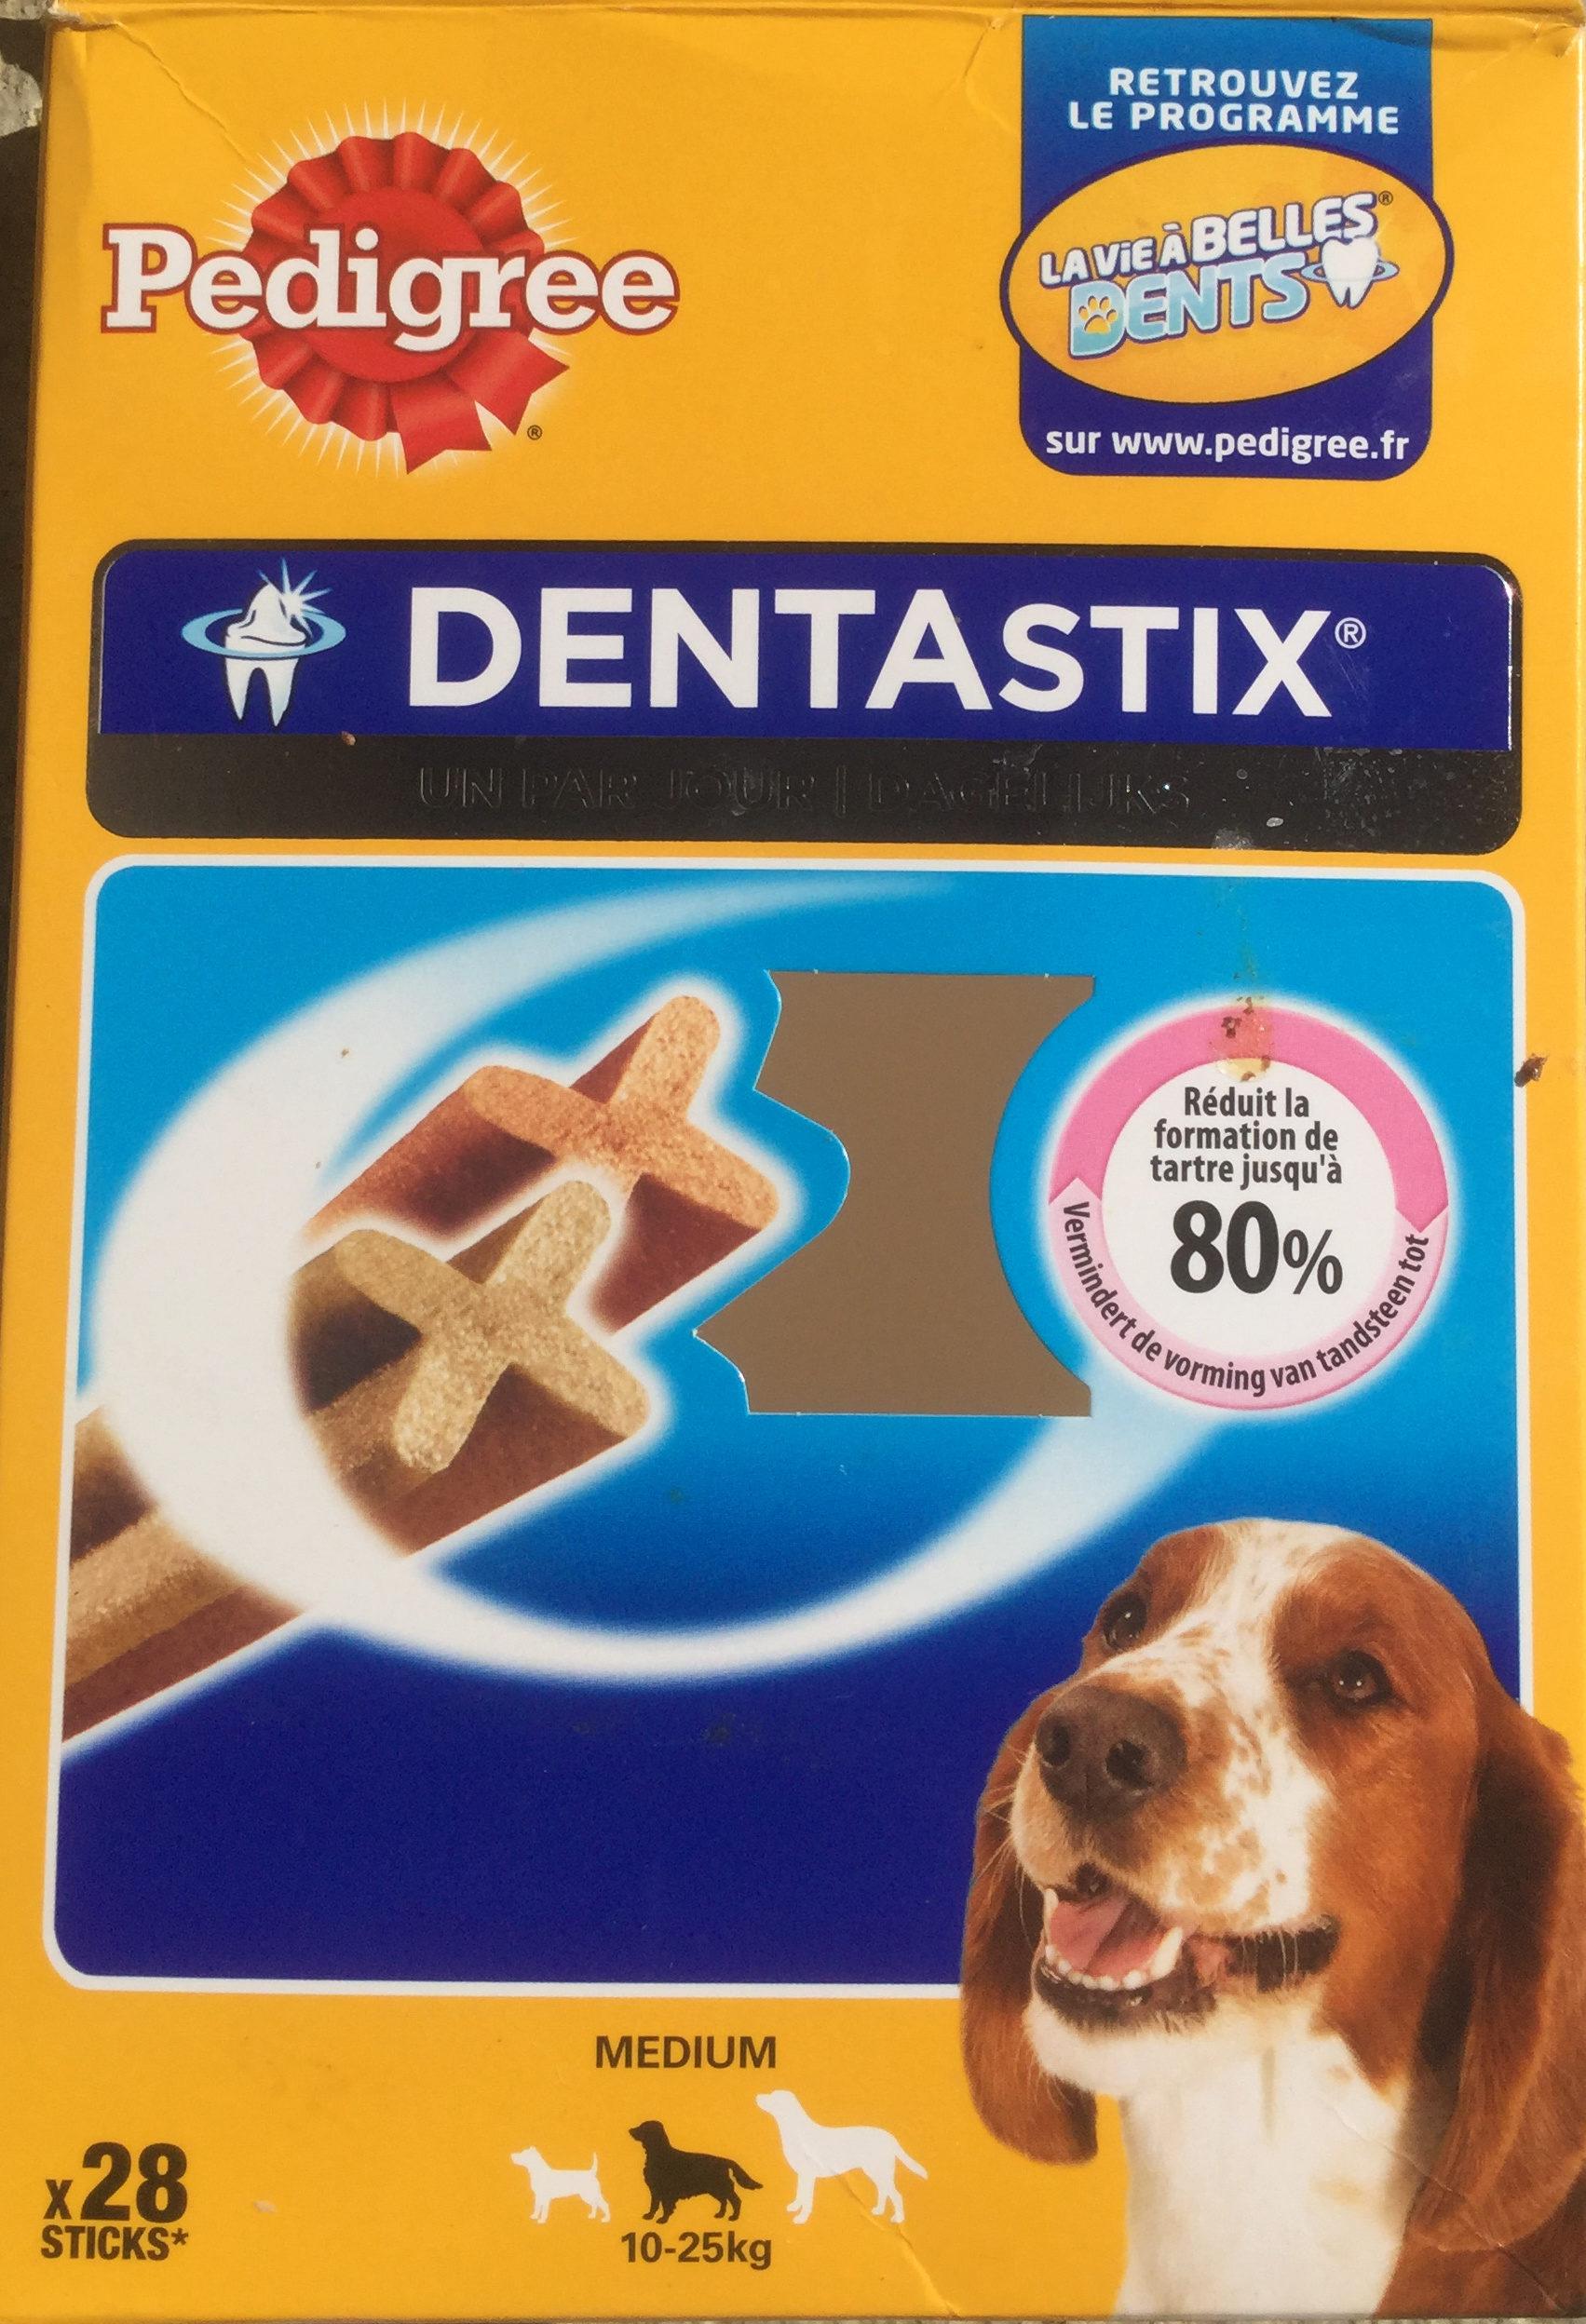 Dentastix - Product - fr